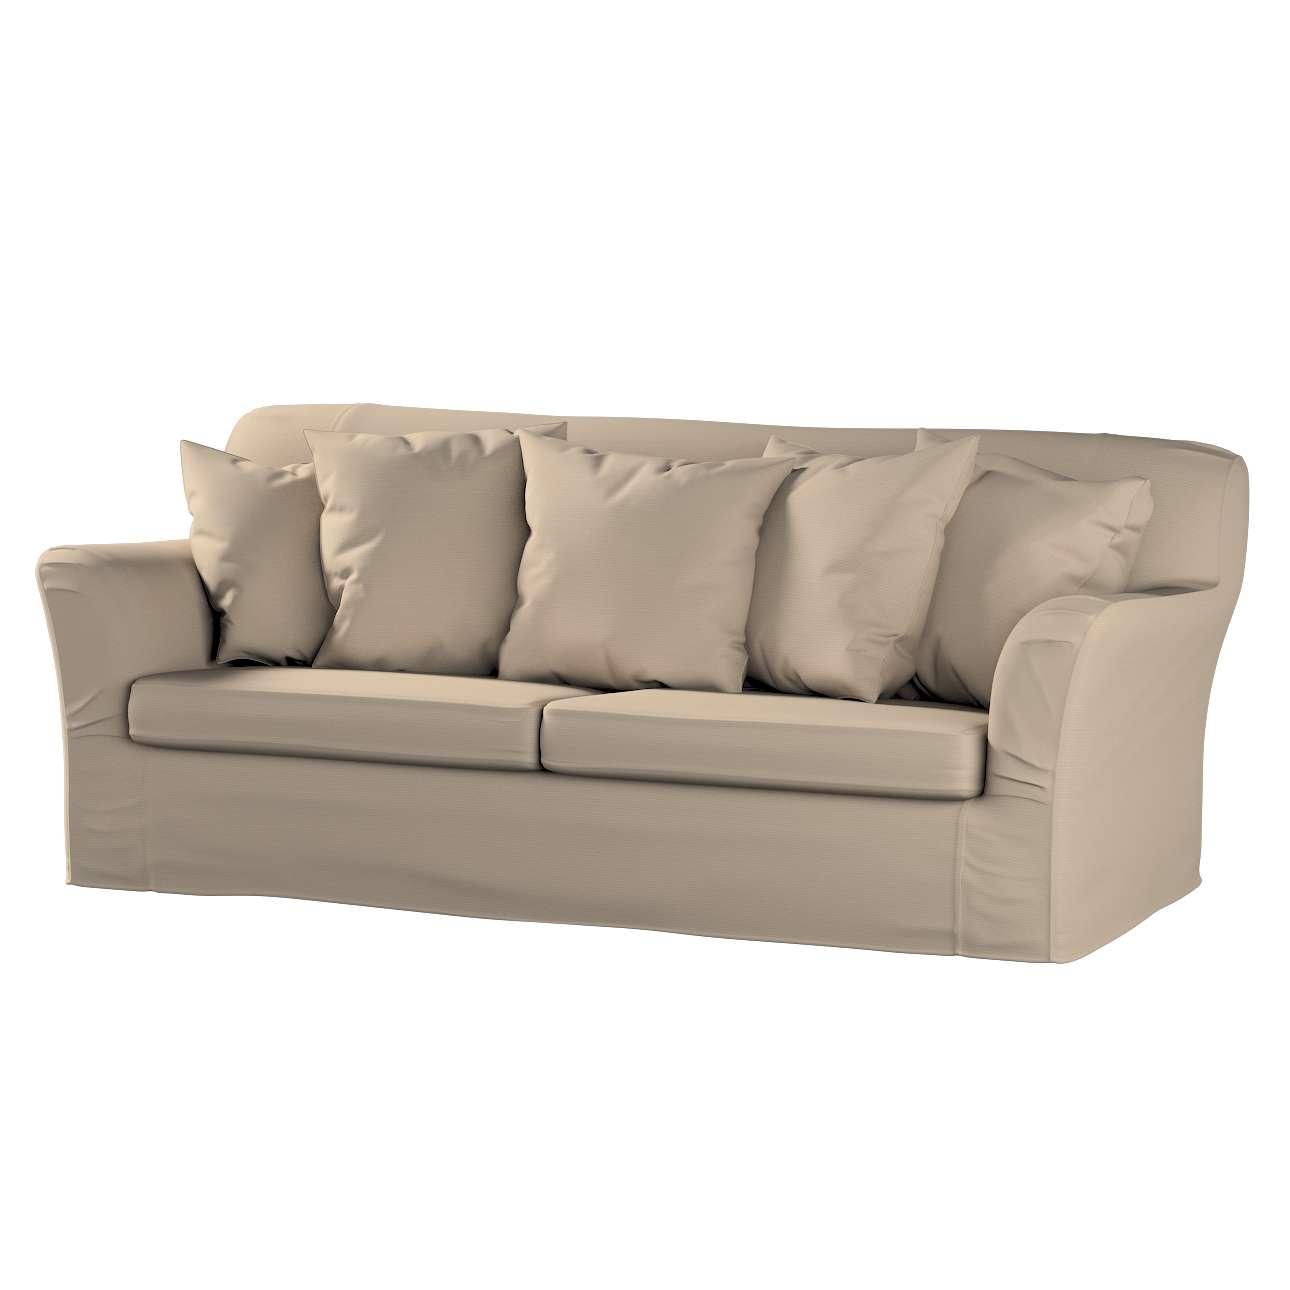 Pokrowiec na sofę Tomelilla rozkładaną Sofa Tomelilla rozkładana w kolekcji Cotton Panama, tkanina: 702-28